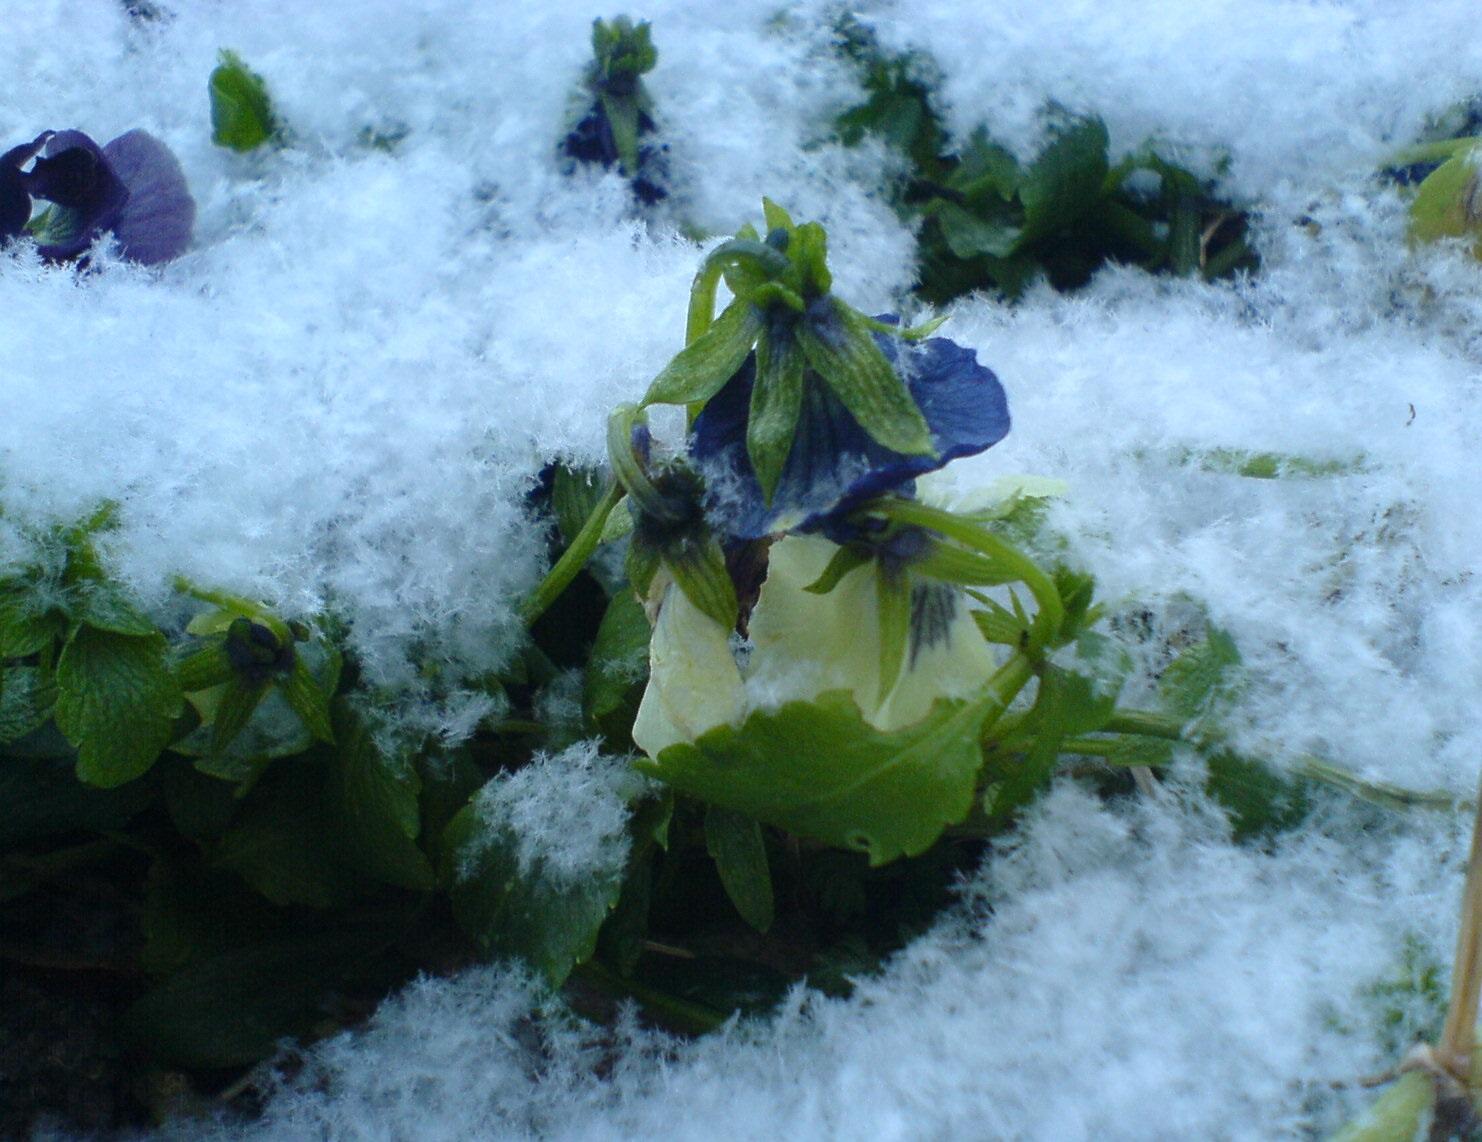 Зима застала нас врасплох.. Блиц 'Первый снег'